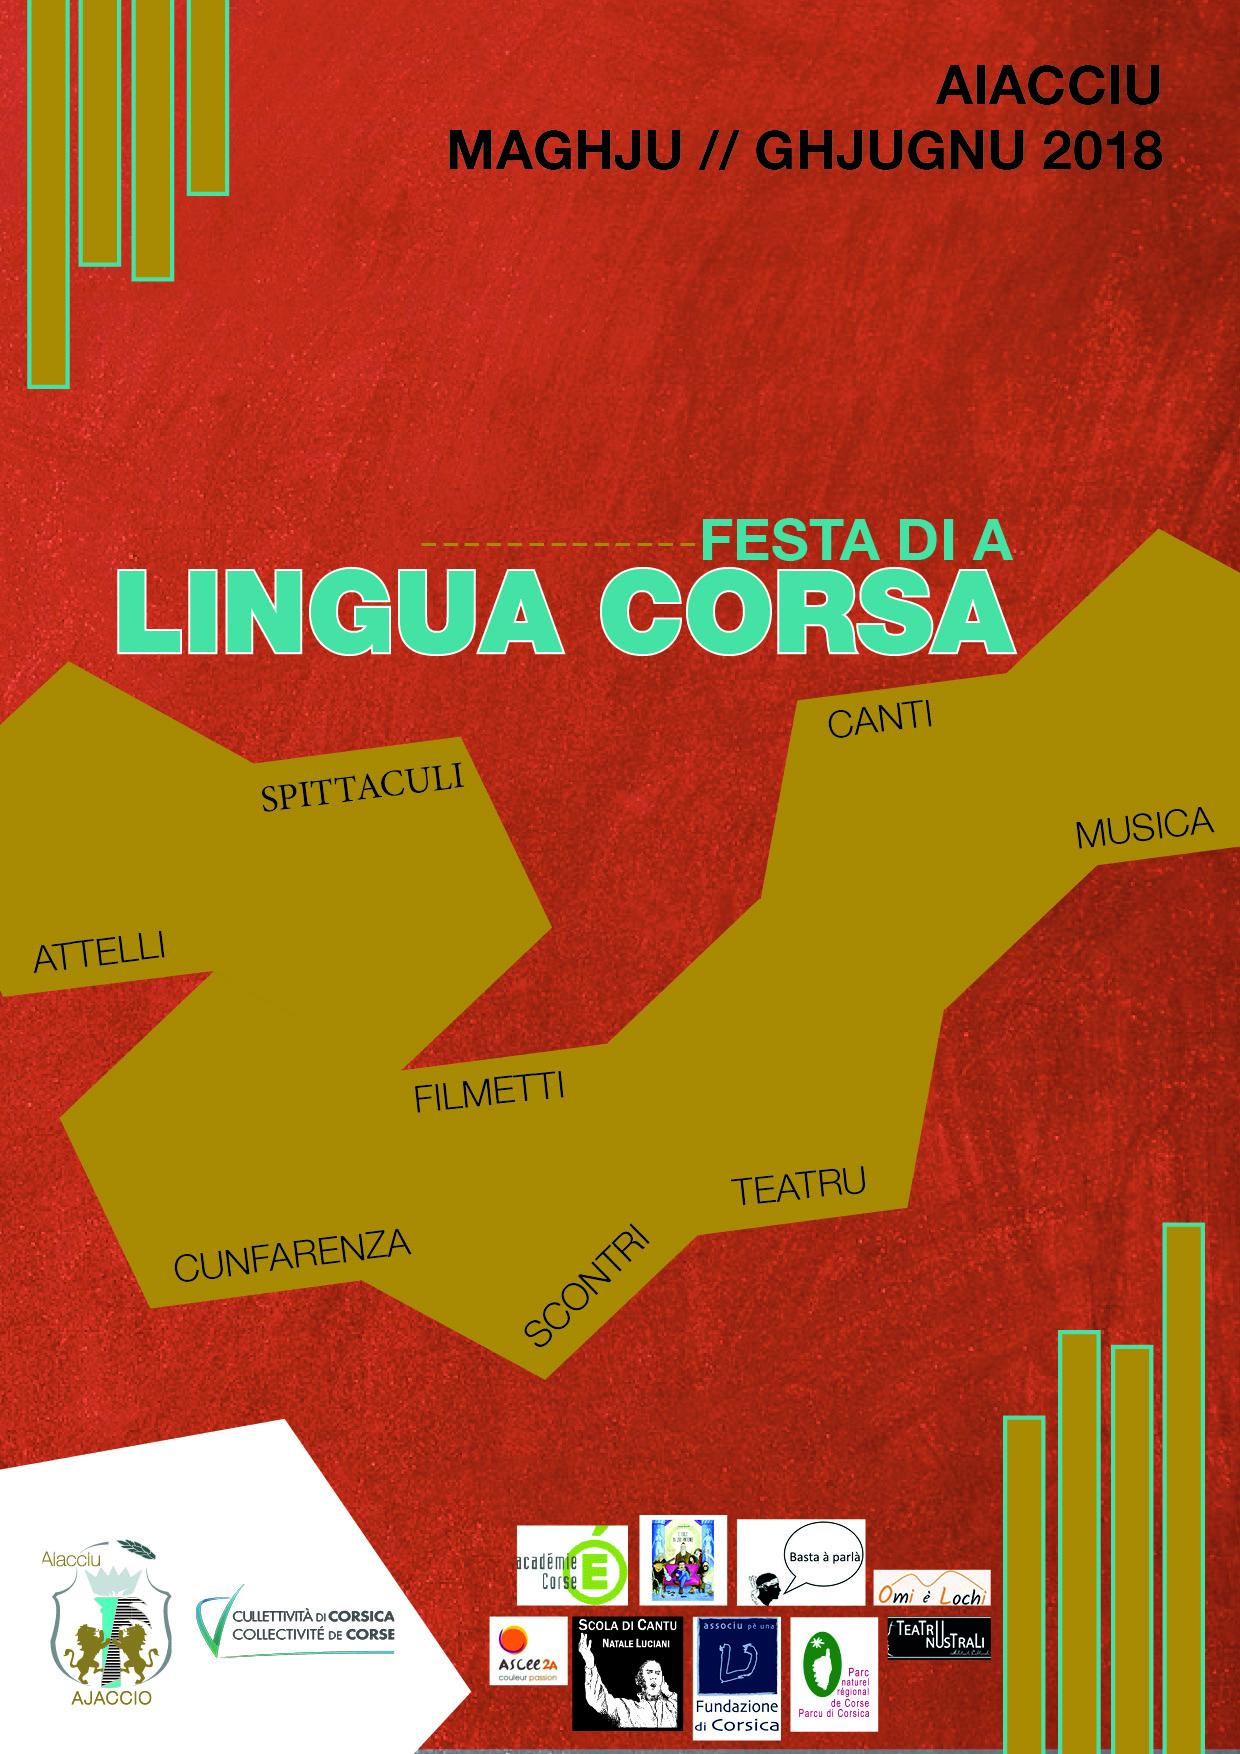 Festa di a Lingua Corsa in Aiacciu di maghju è di ghjugnu